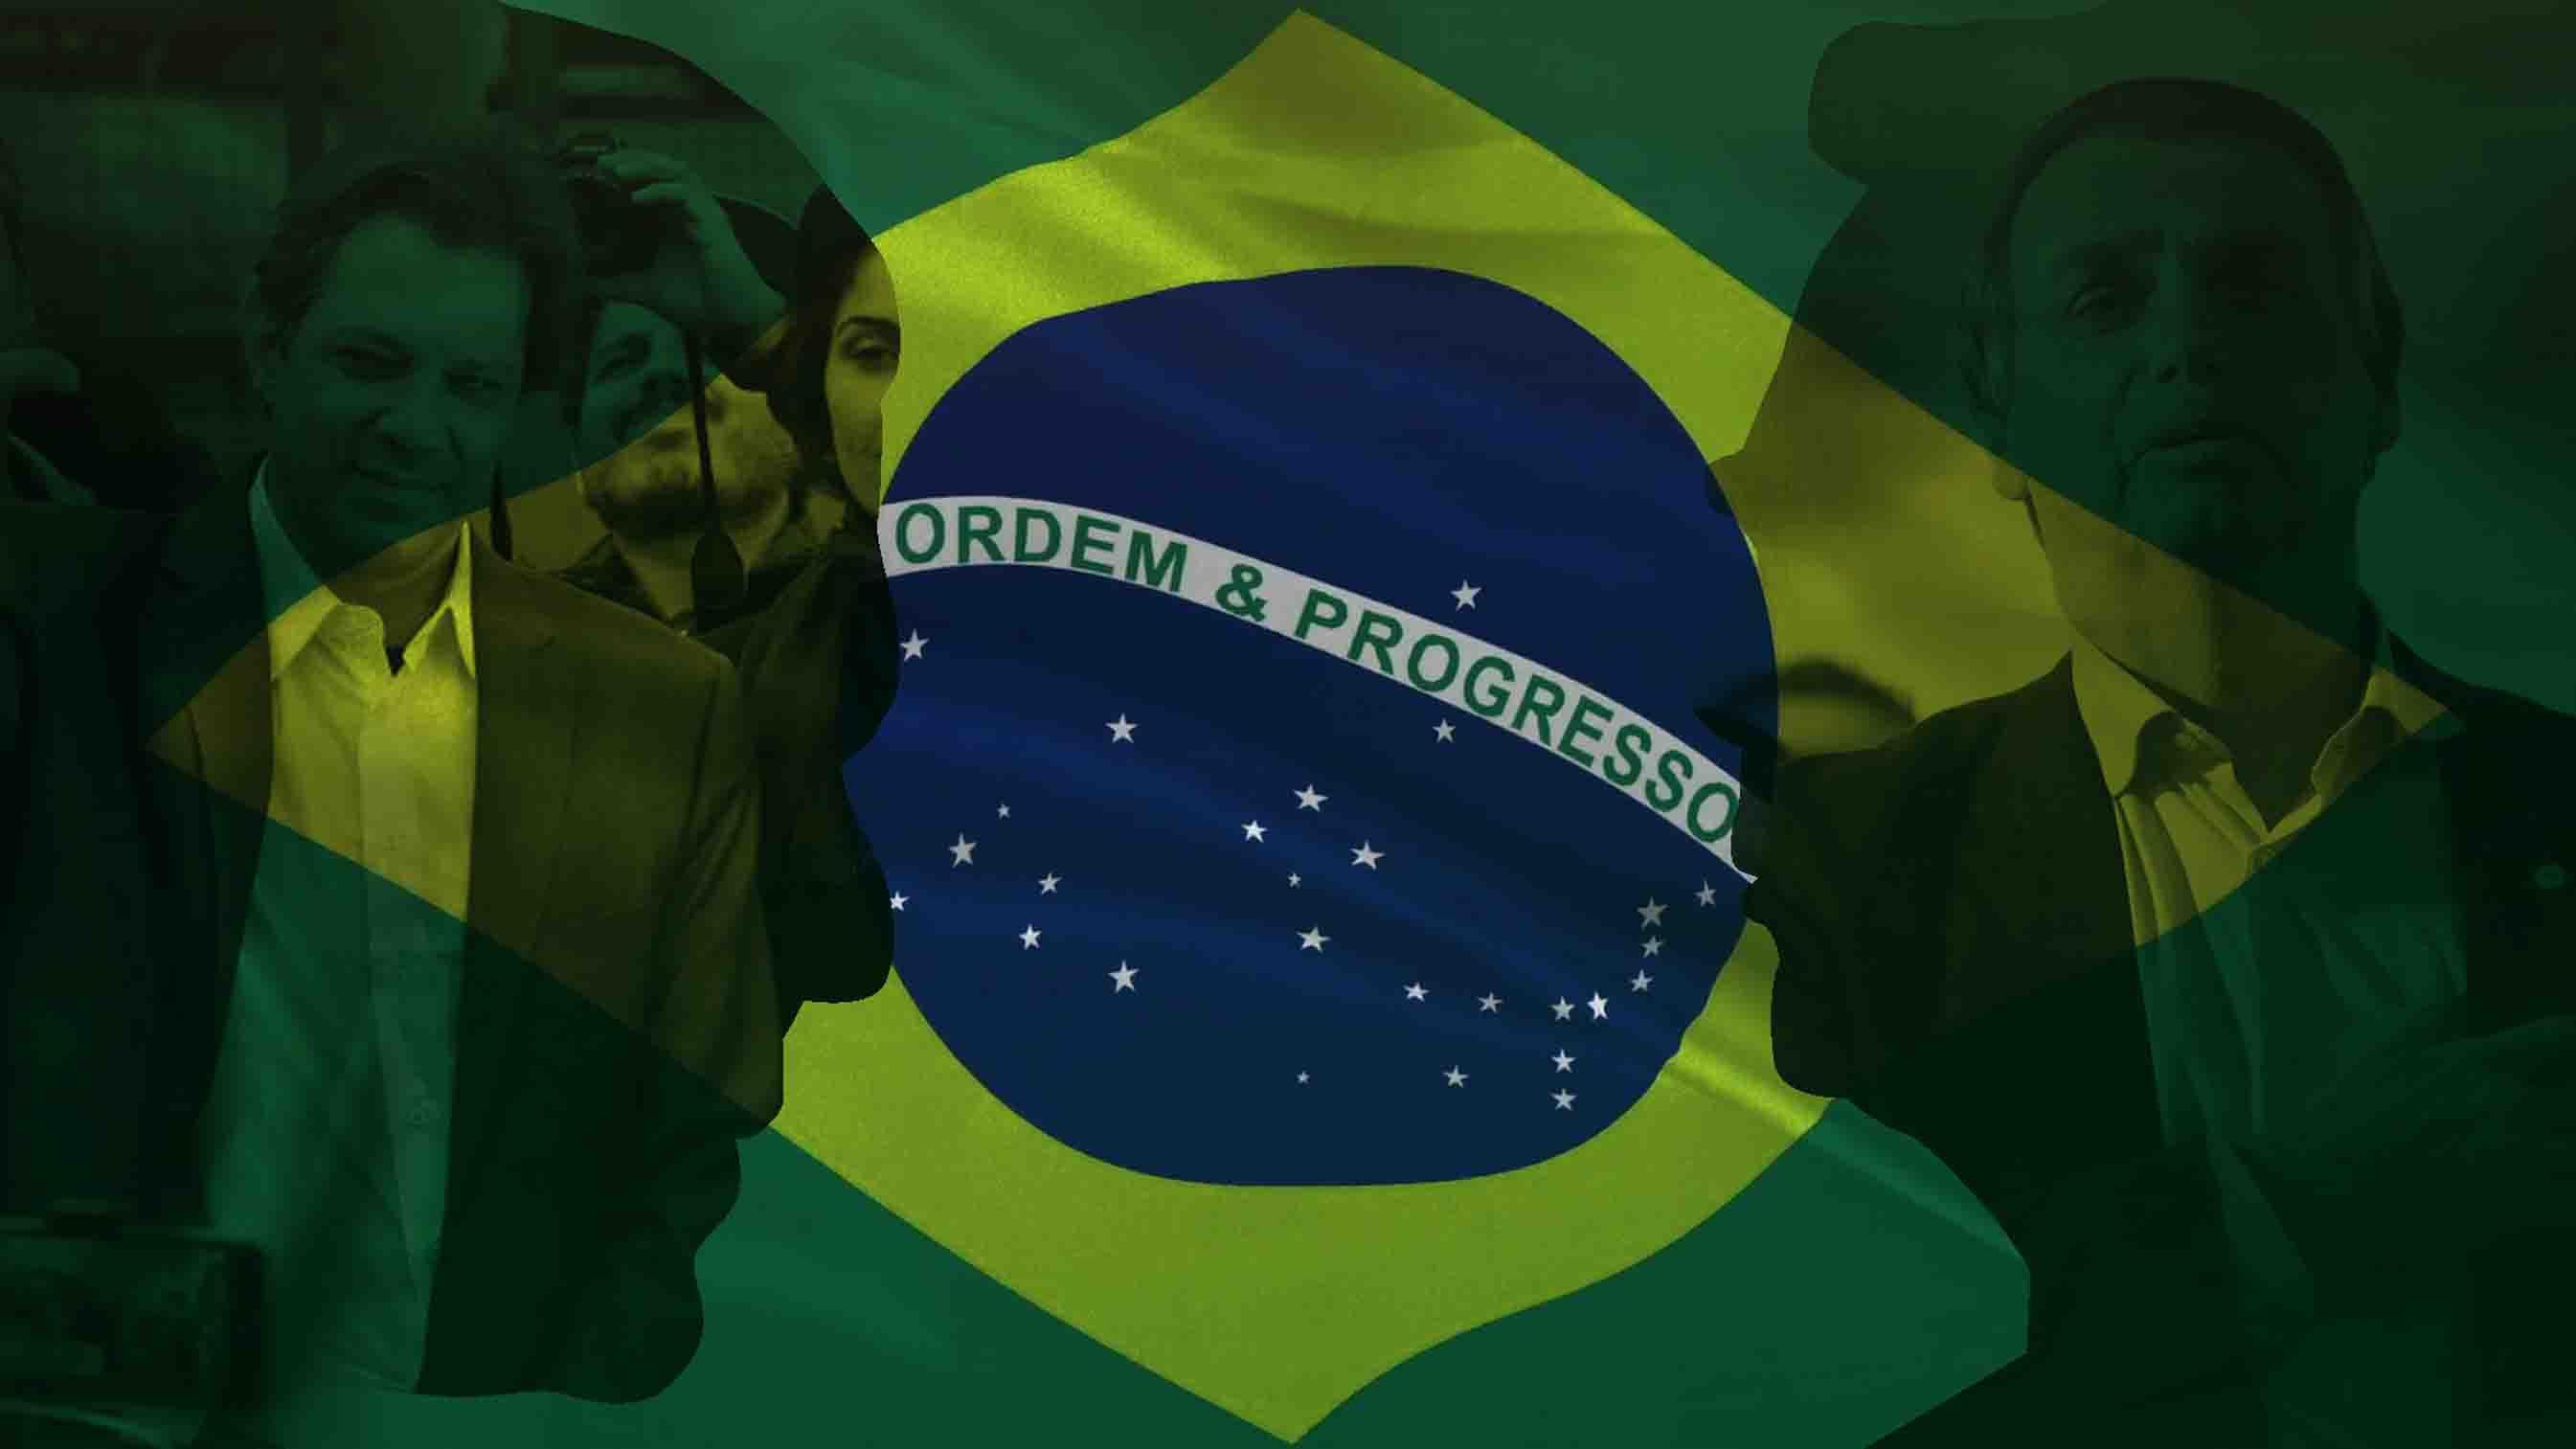 En el consulado de Brasil en Caracasse lleva a cabo la jornada de votación, al igual que en la ciudad de Guayana